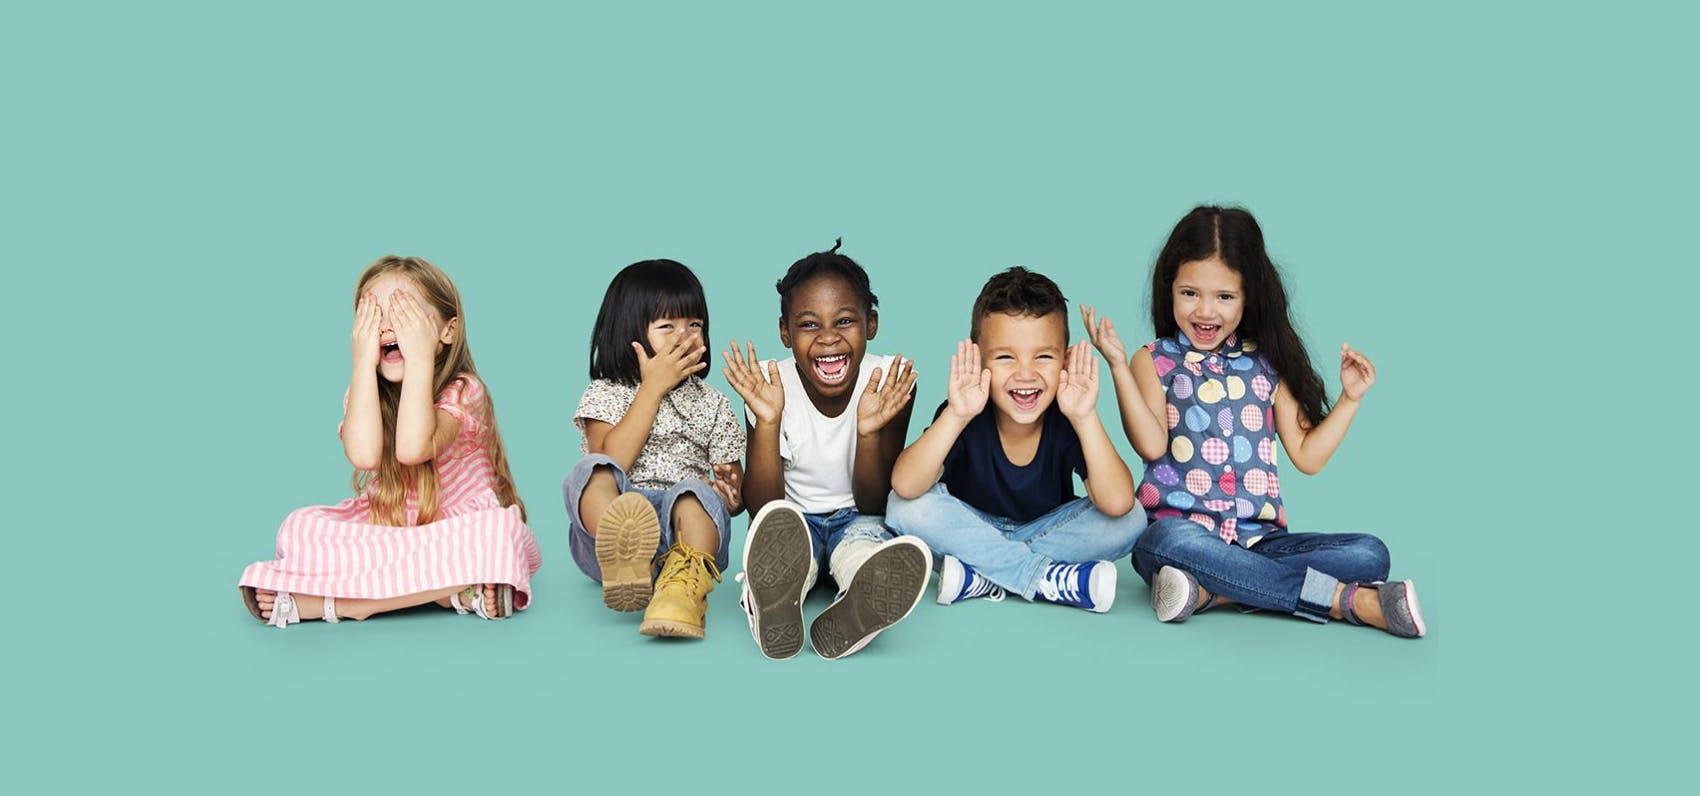 children blue background